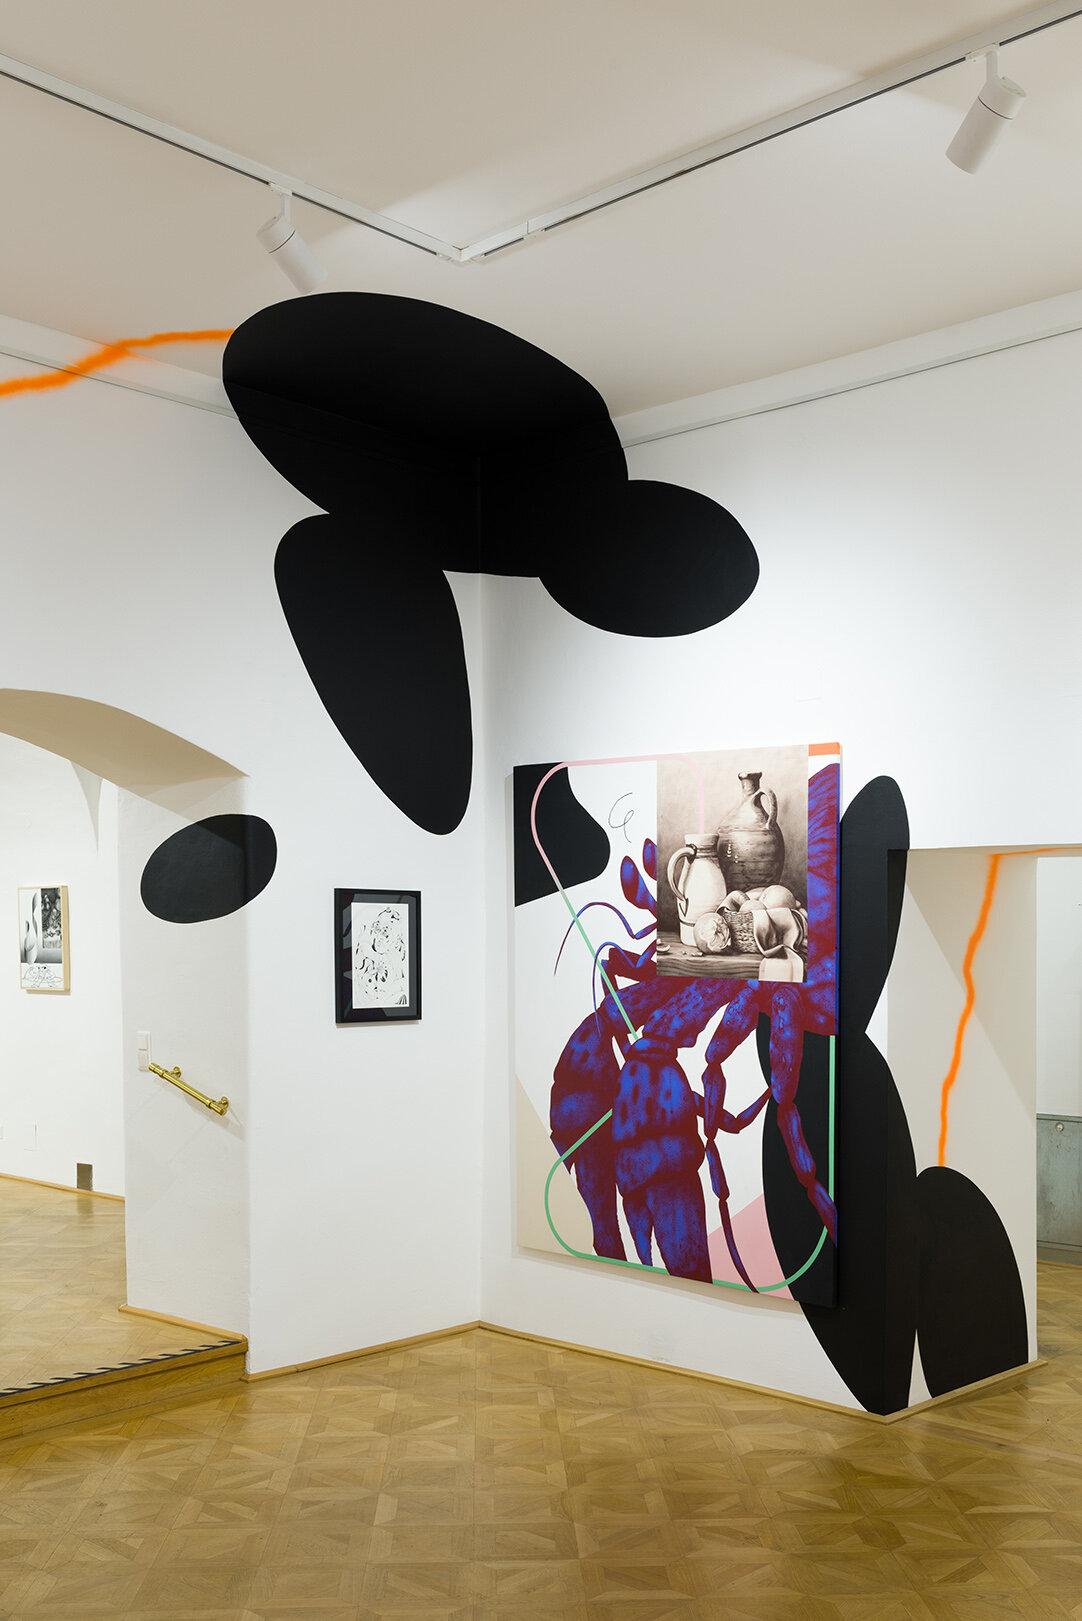 05-Exhibition AG18 PERK_up + RUIN 2019 Photo Christoph Schlessmann.jpg